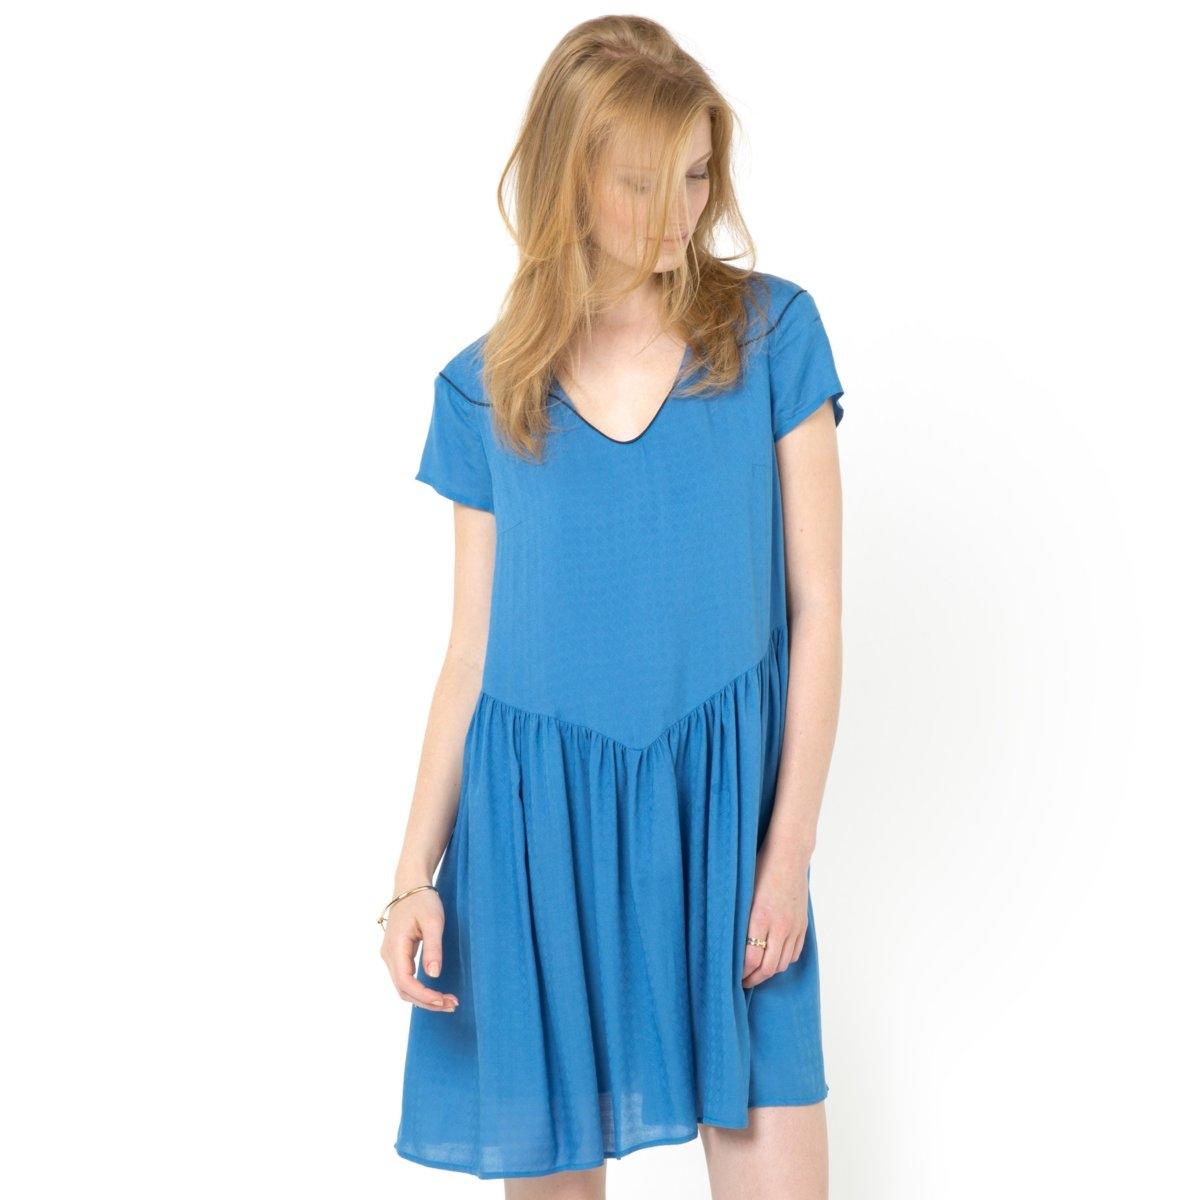 Платье широкого покроя<br><br>Цвет: синий,слоновая кость<br>Размер: 44 (FR) - 50 (RUS).44 (FR) - 50 (RUS).38 (FR) - 44 (RUS).42 (FR) - 48 (RUS)